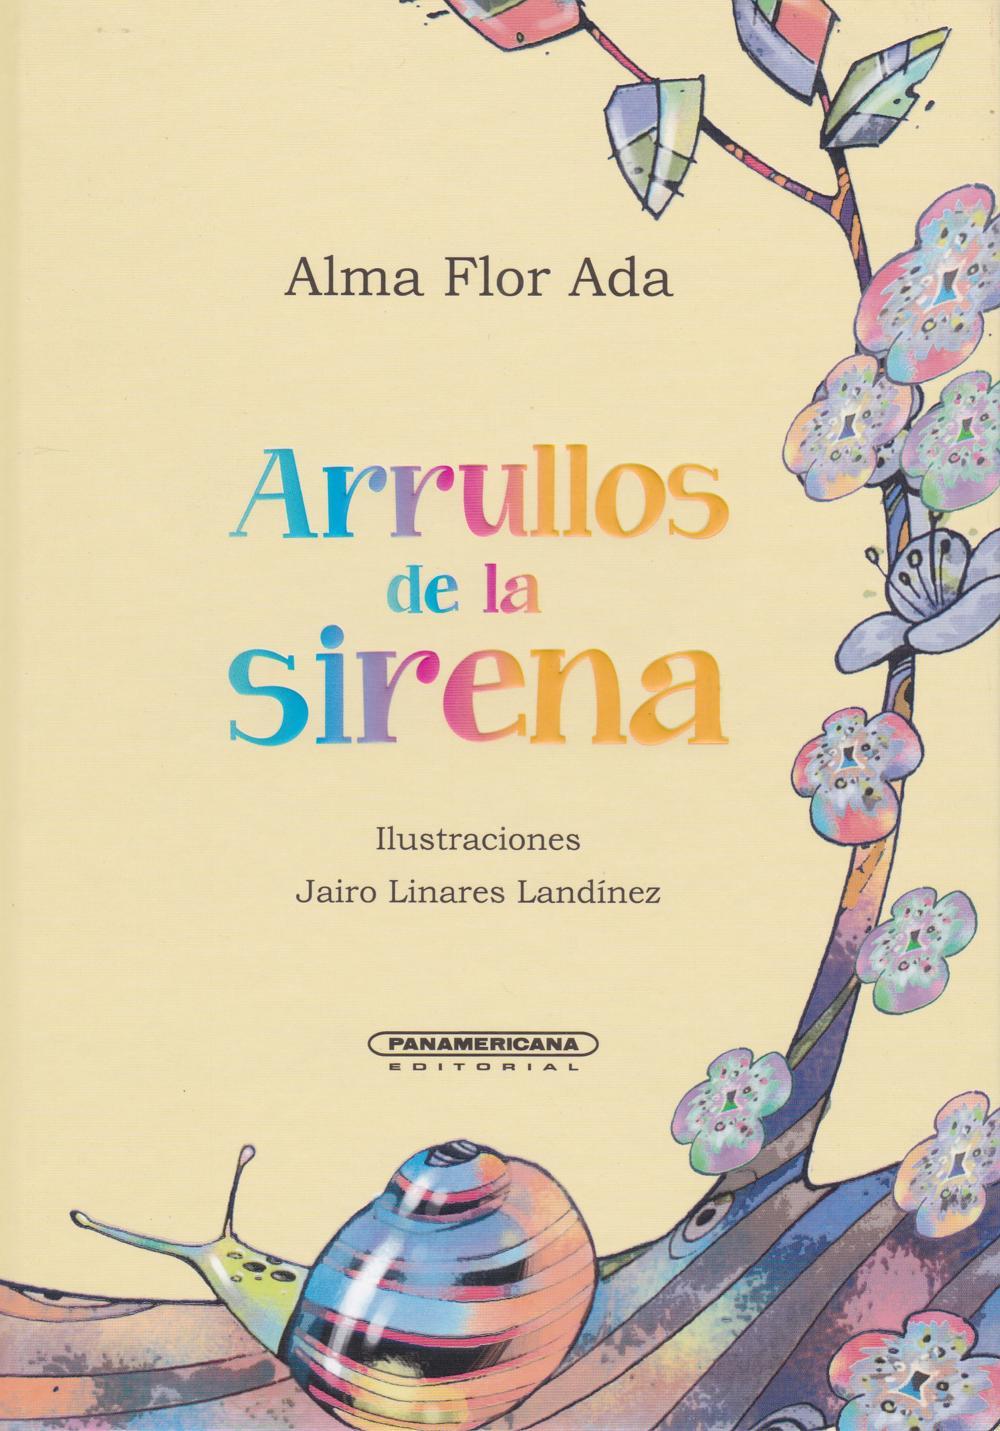 Puertas al sol Poesia Collection, Arrullos de la sirena, Rey Del Sol, Del Sol Books, Del Sol University